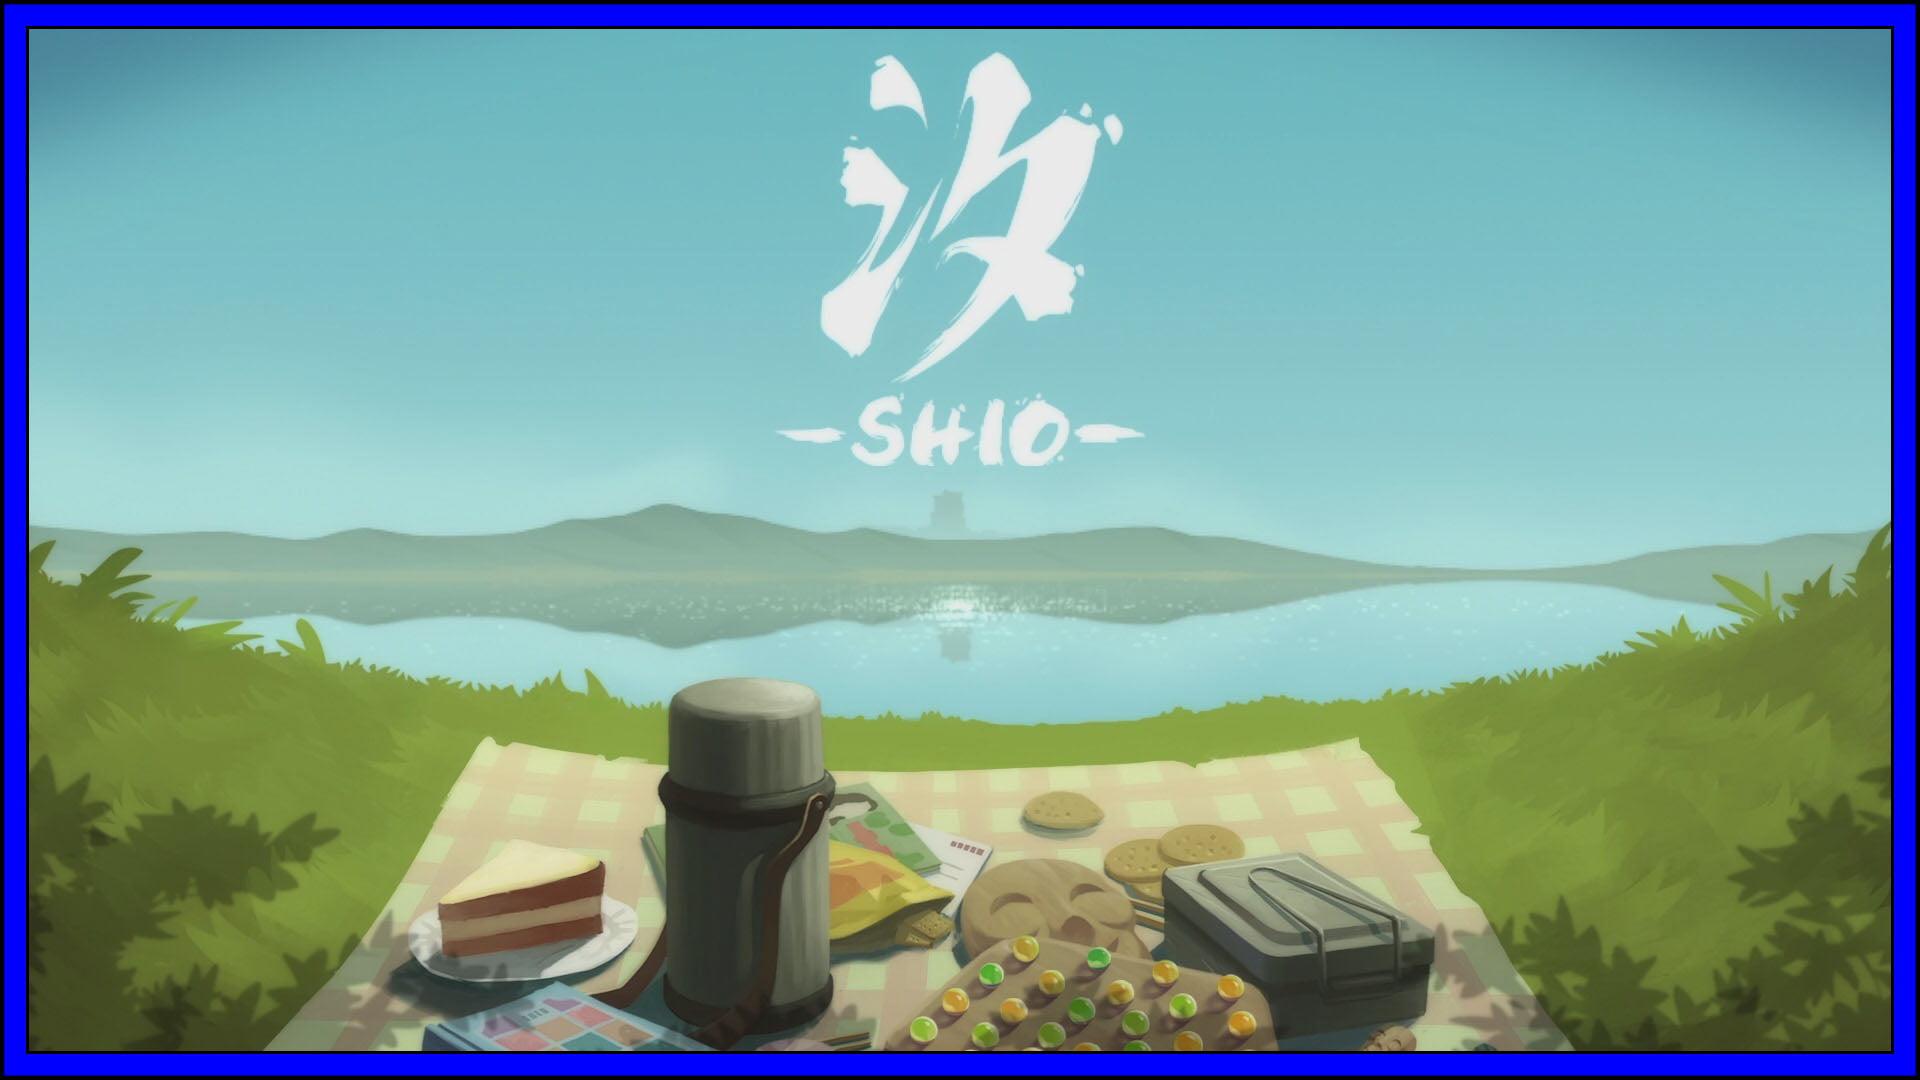 Shio Fi3